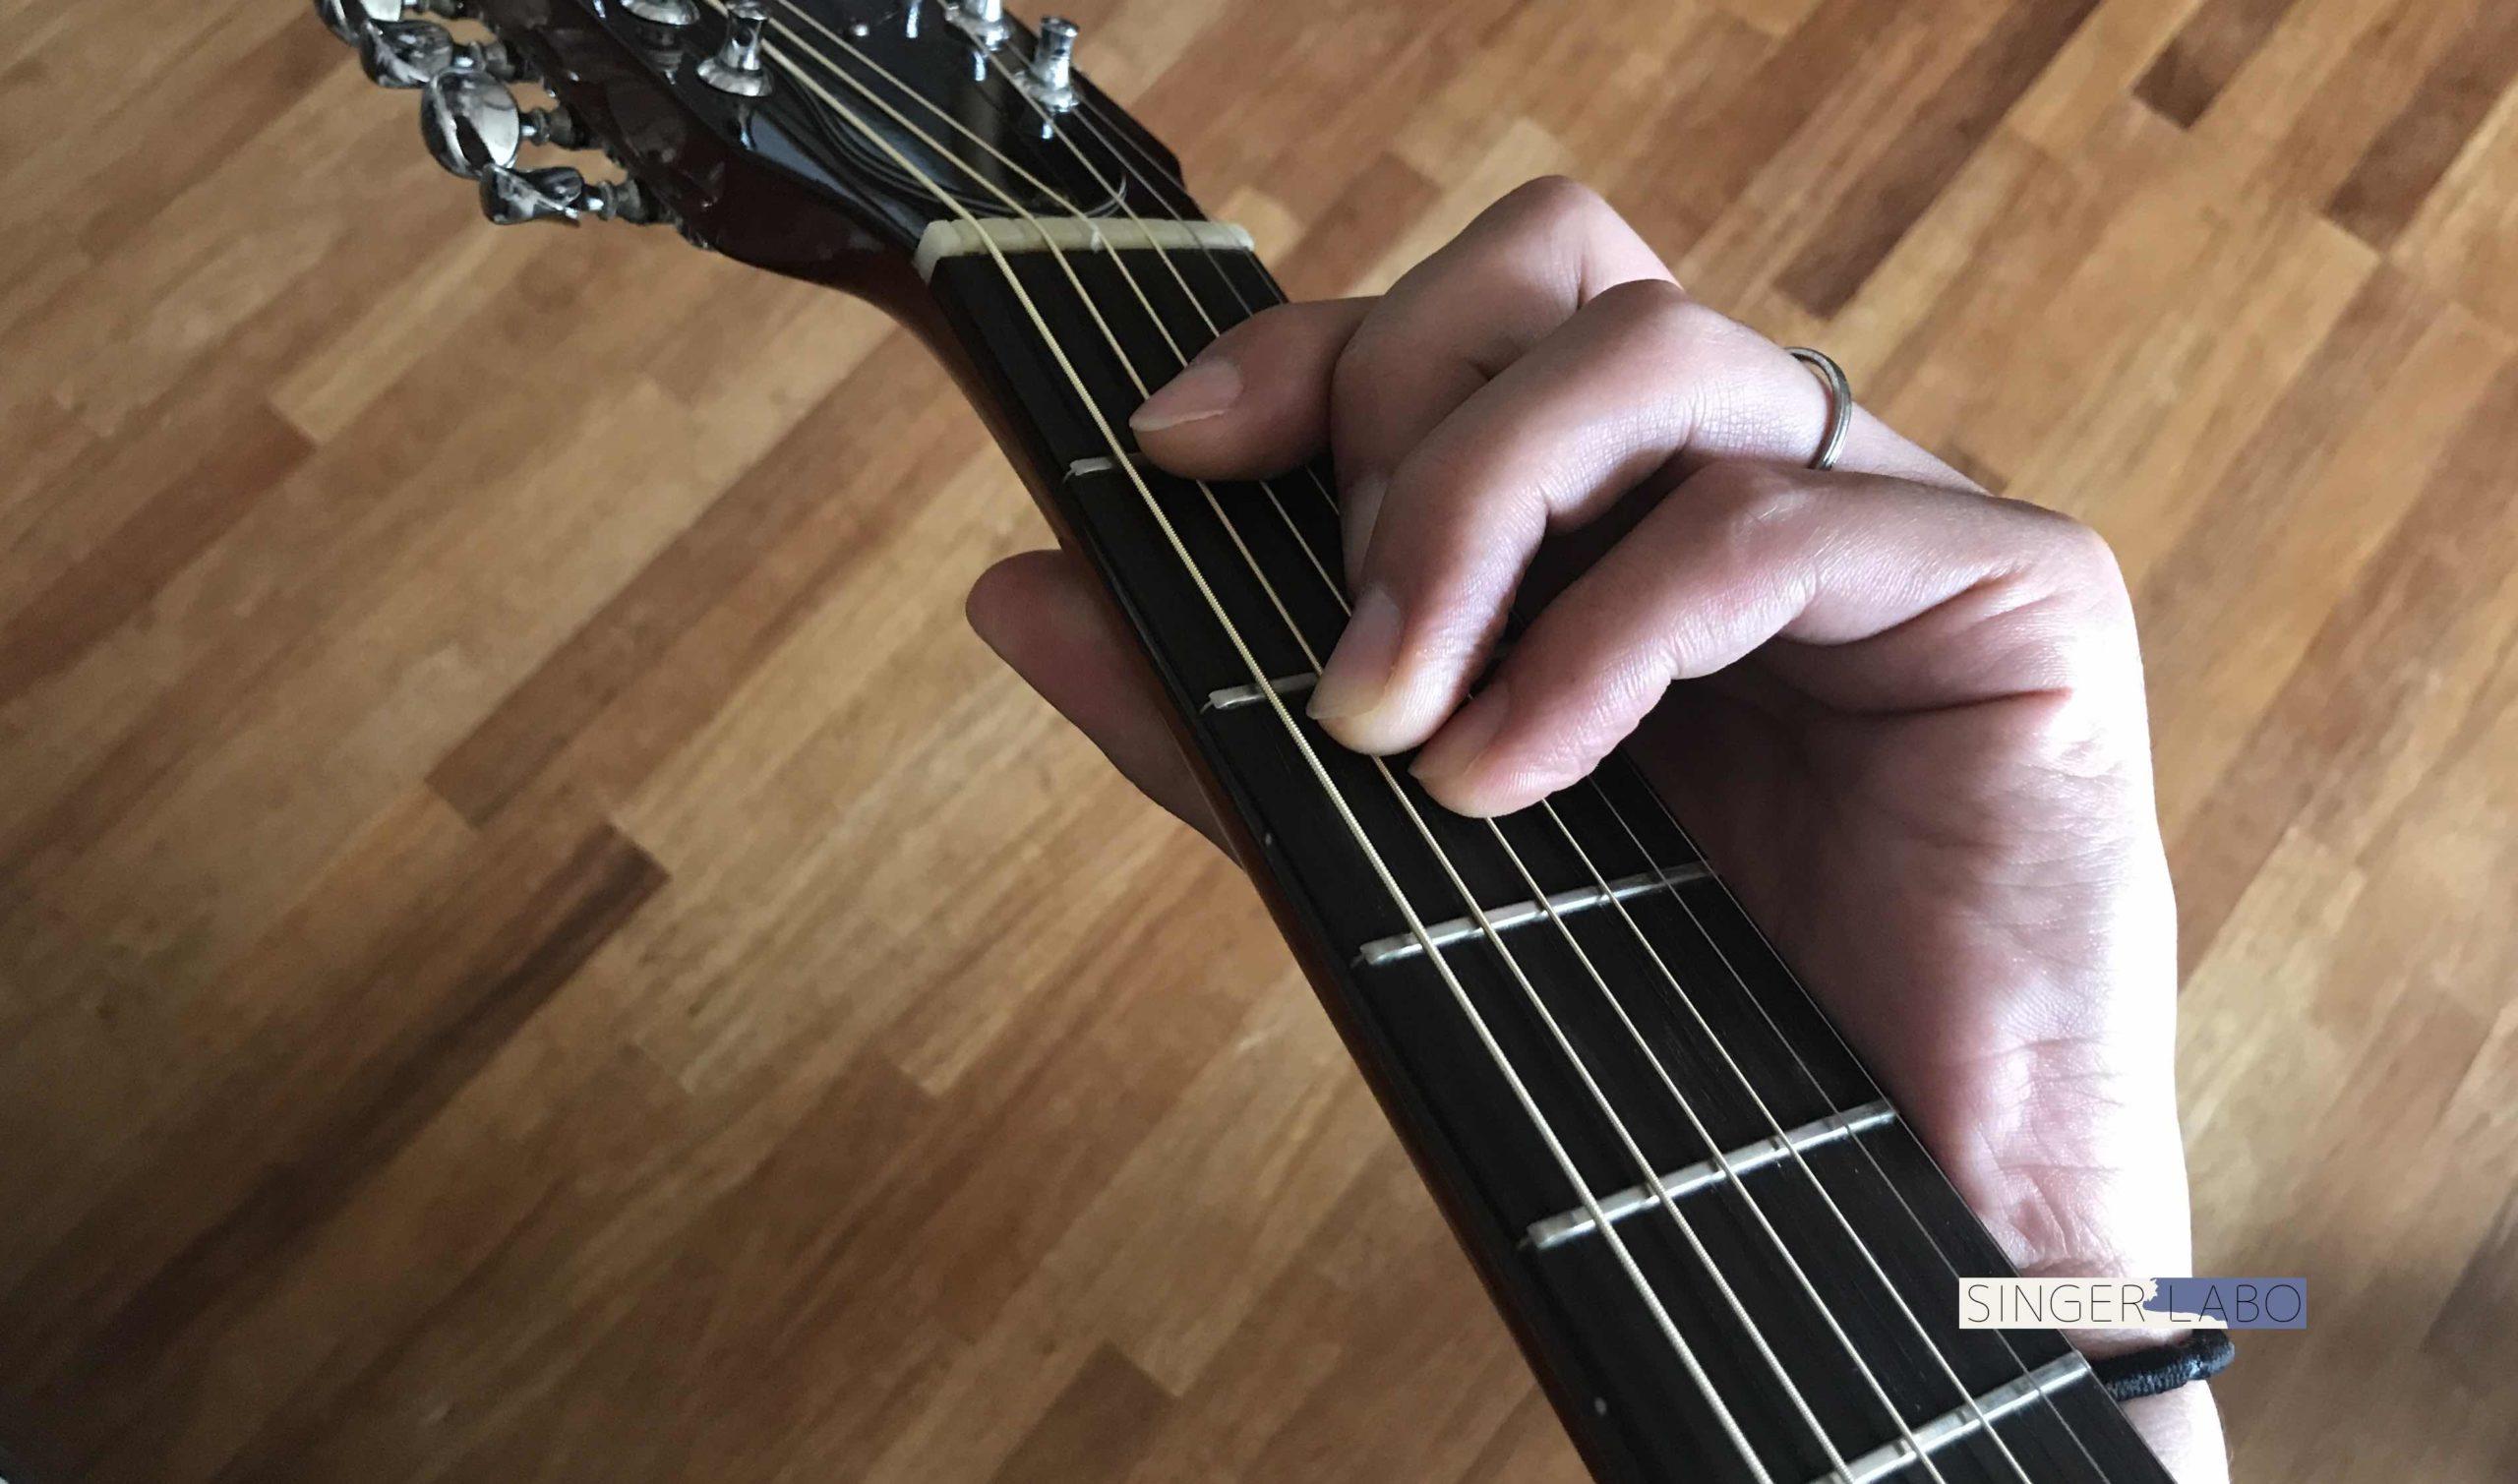 Fコードを押さえるコツ①: ギターを立てて構える